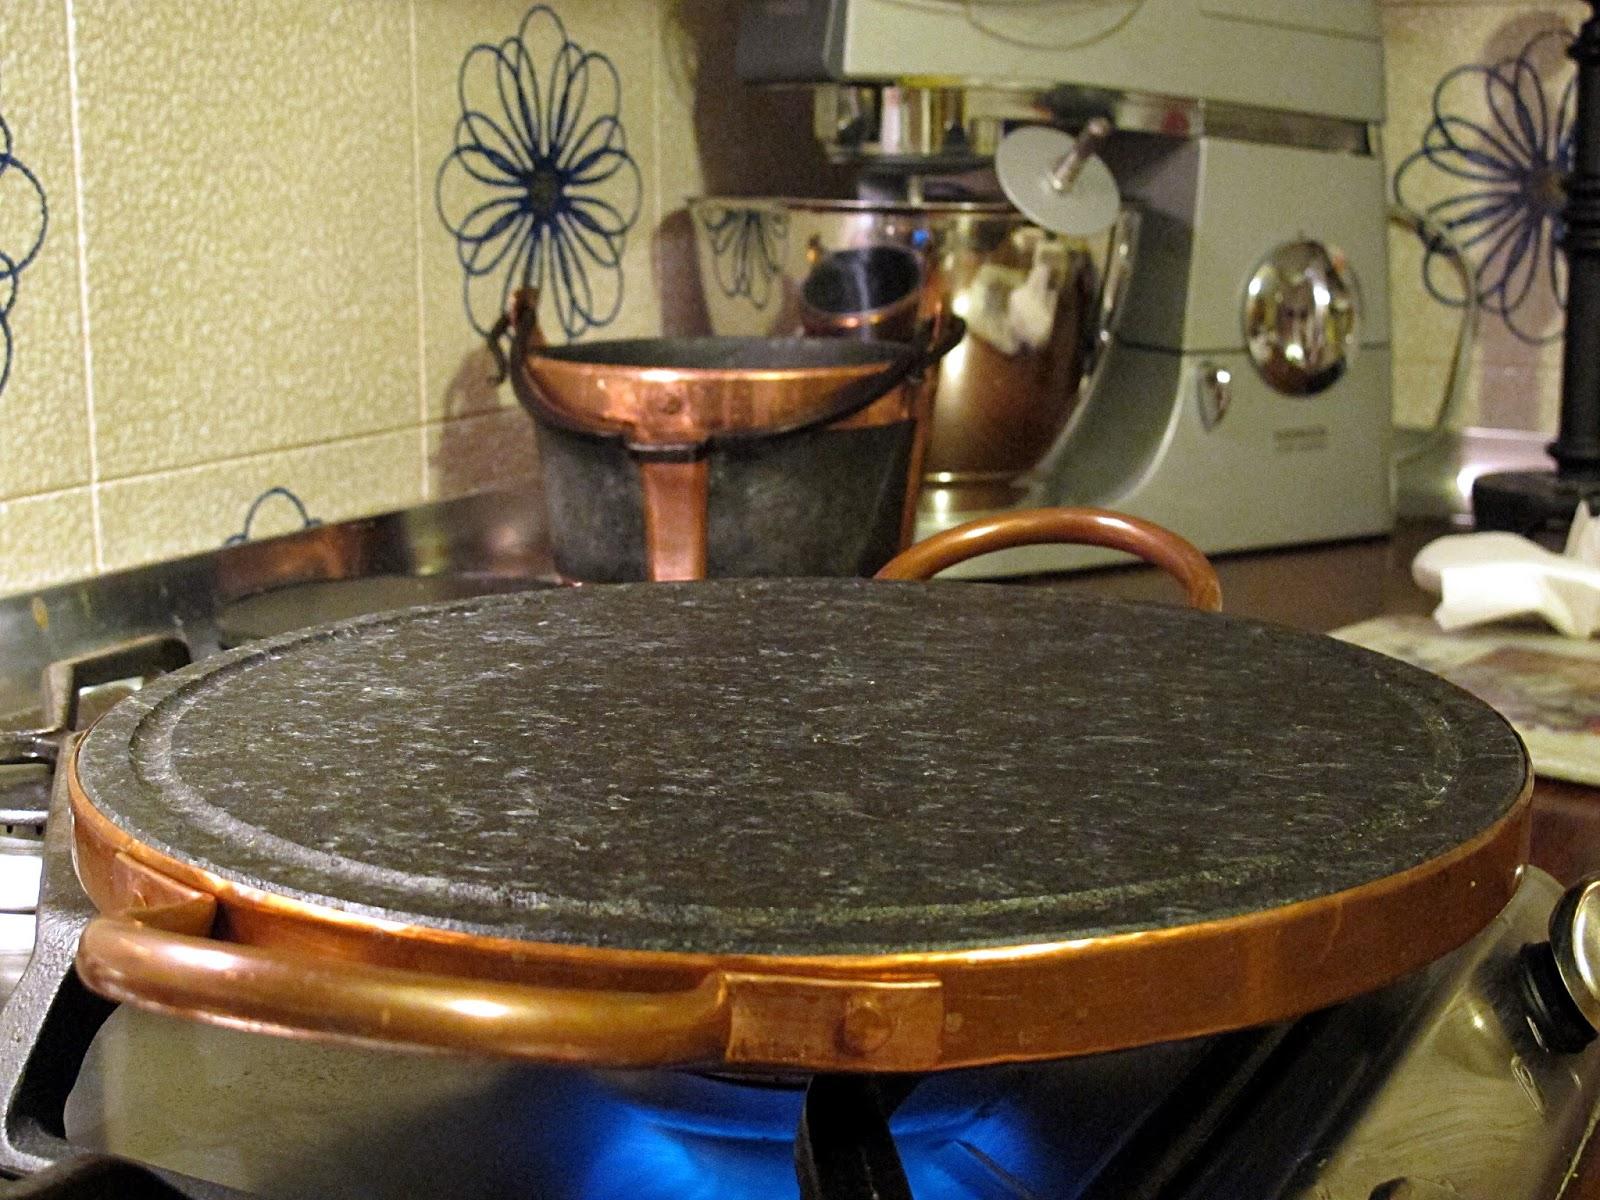 Tagliata di manzo alla piota tavola rotonda - Cucinare con la pietra lavica ...